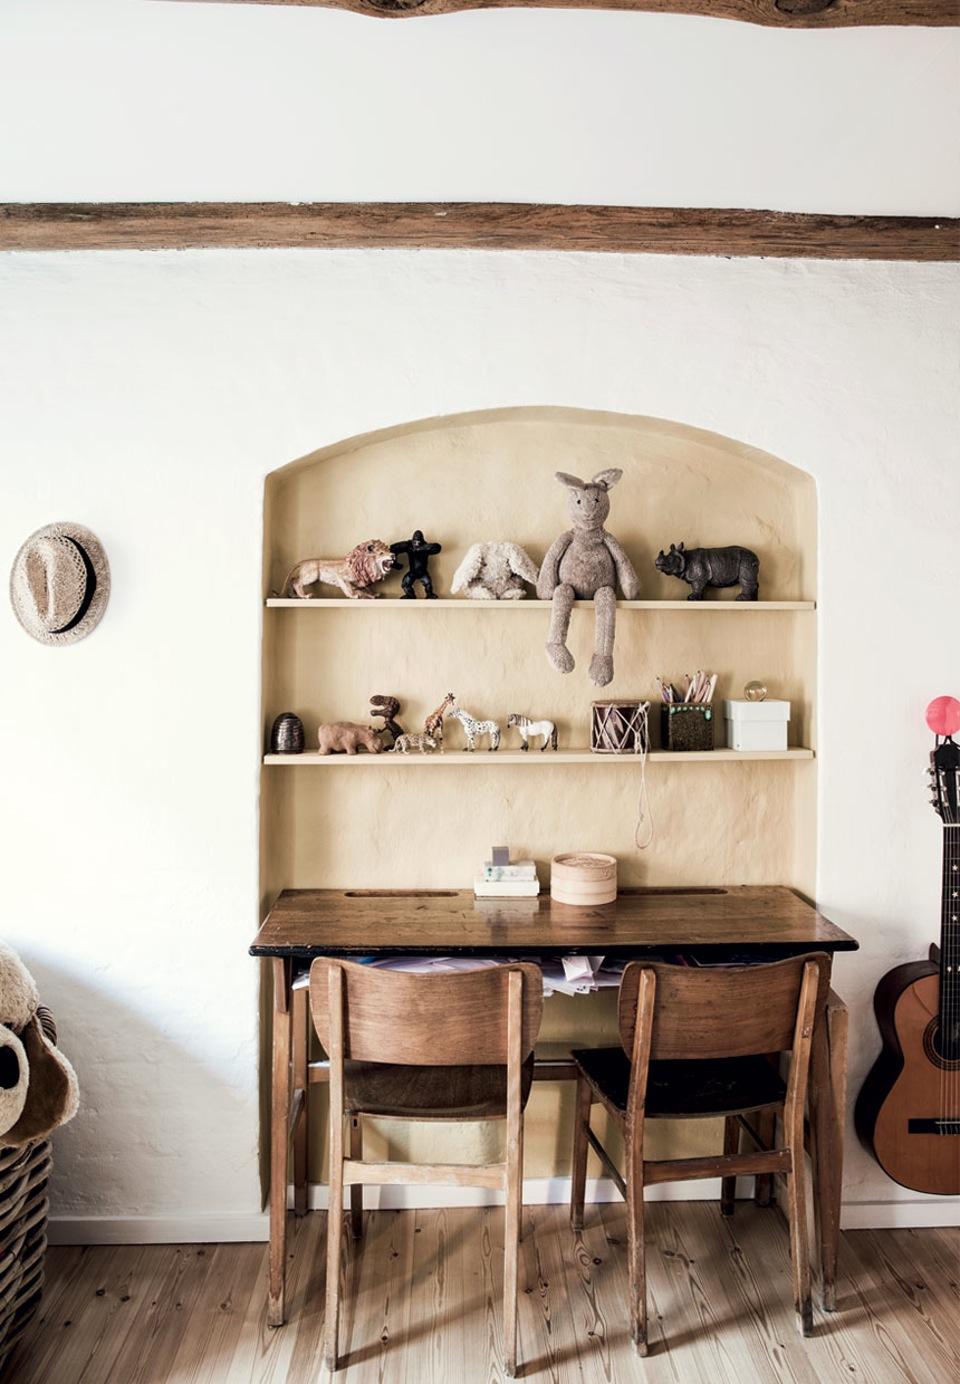 Déco moderne rustique - Un appartement ancien de Signe Bloch à Copenhague